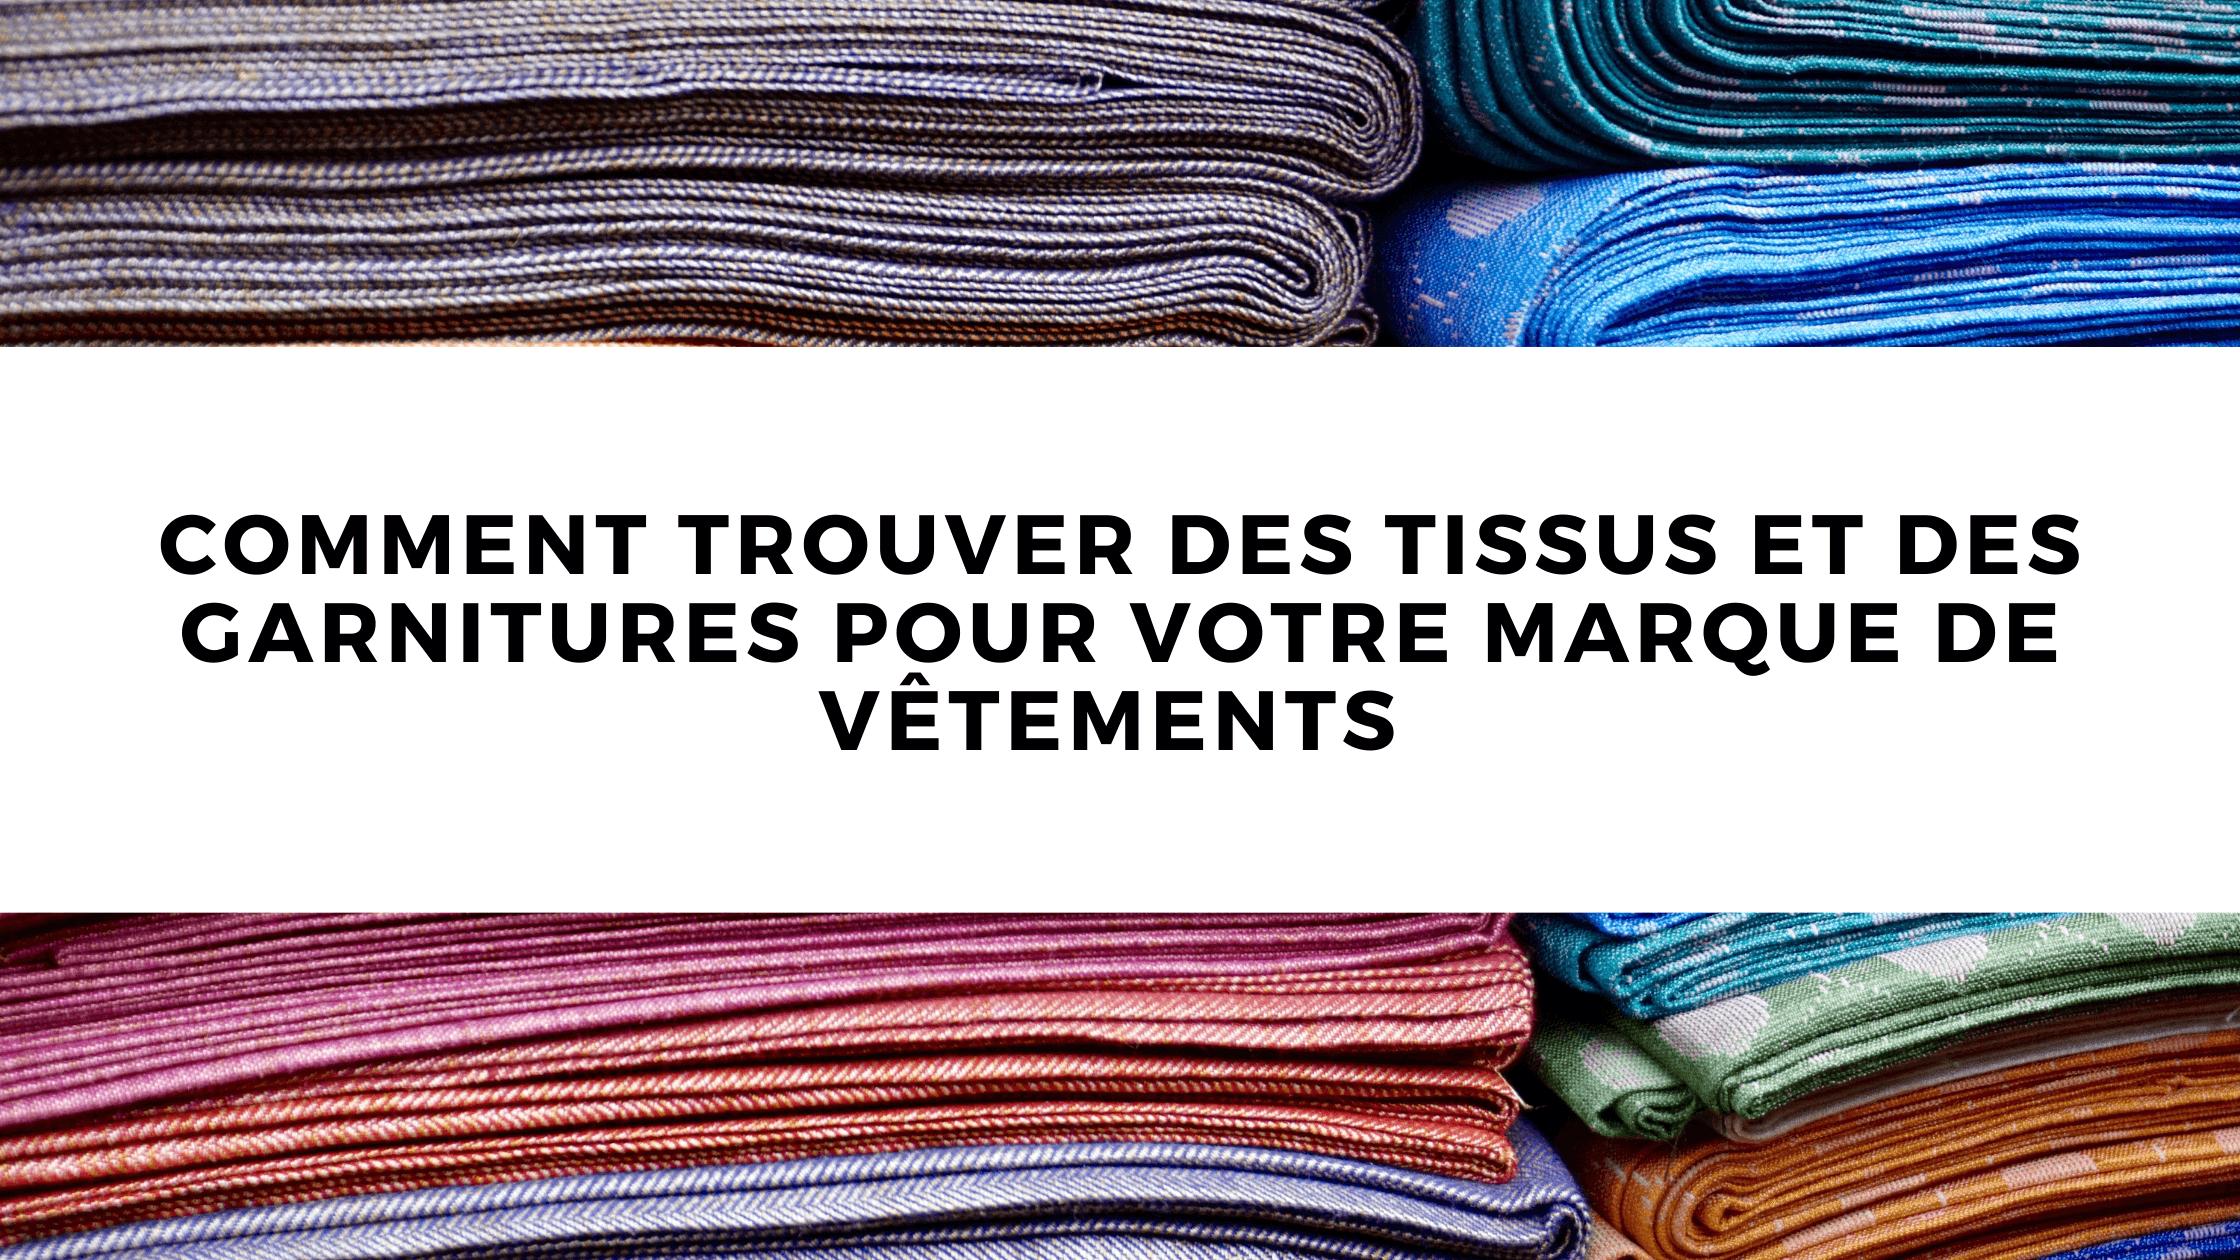 Comment trouver des tissus et des garnitures pour votre marque de vêtements